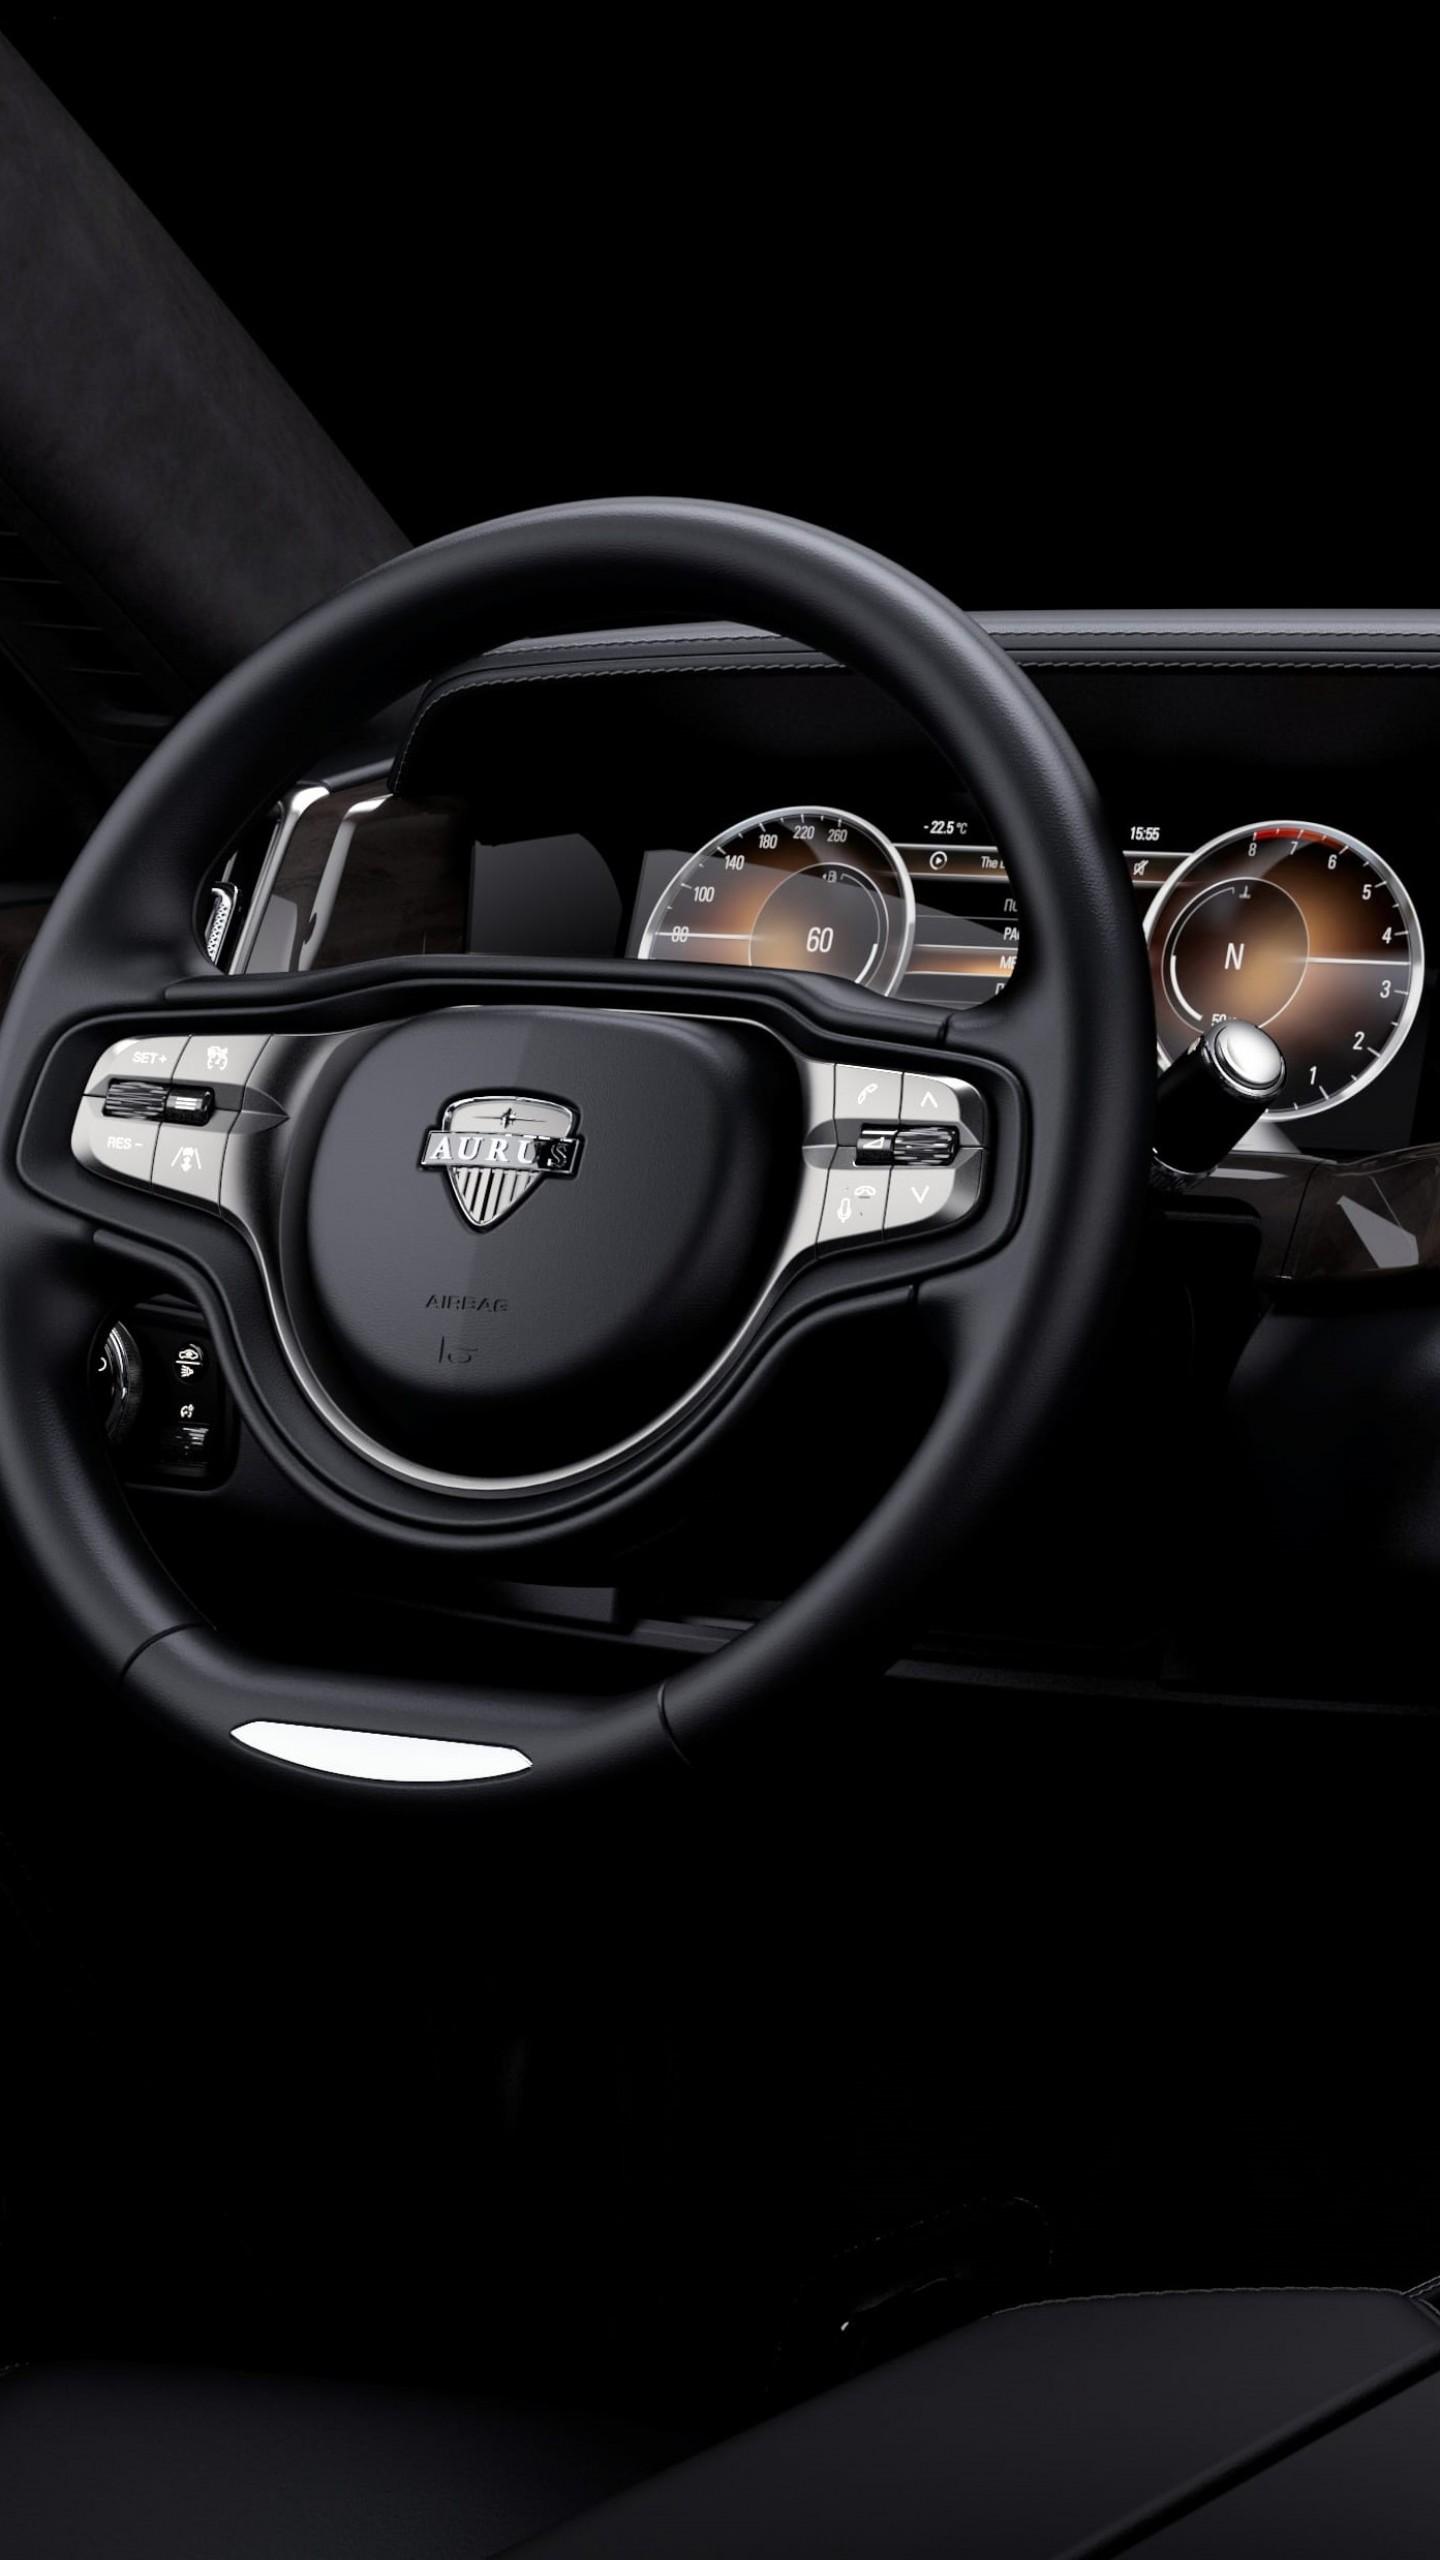 Wallpaper Aurus Senat Luxury Cars 2018 Cars 5k Cars